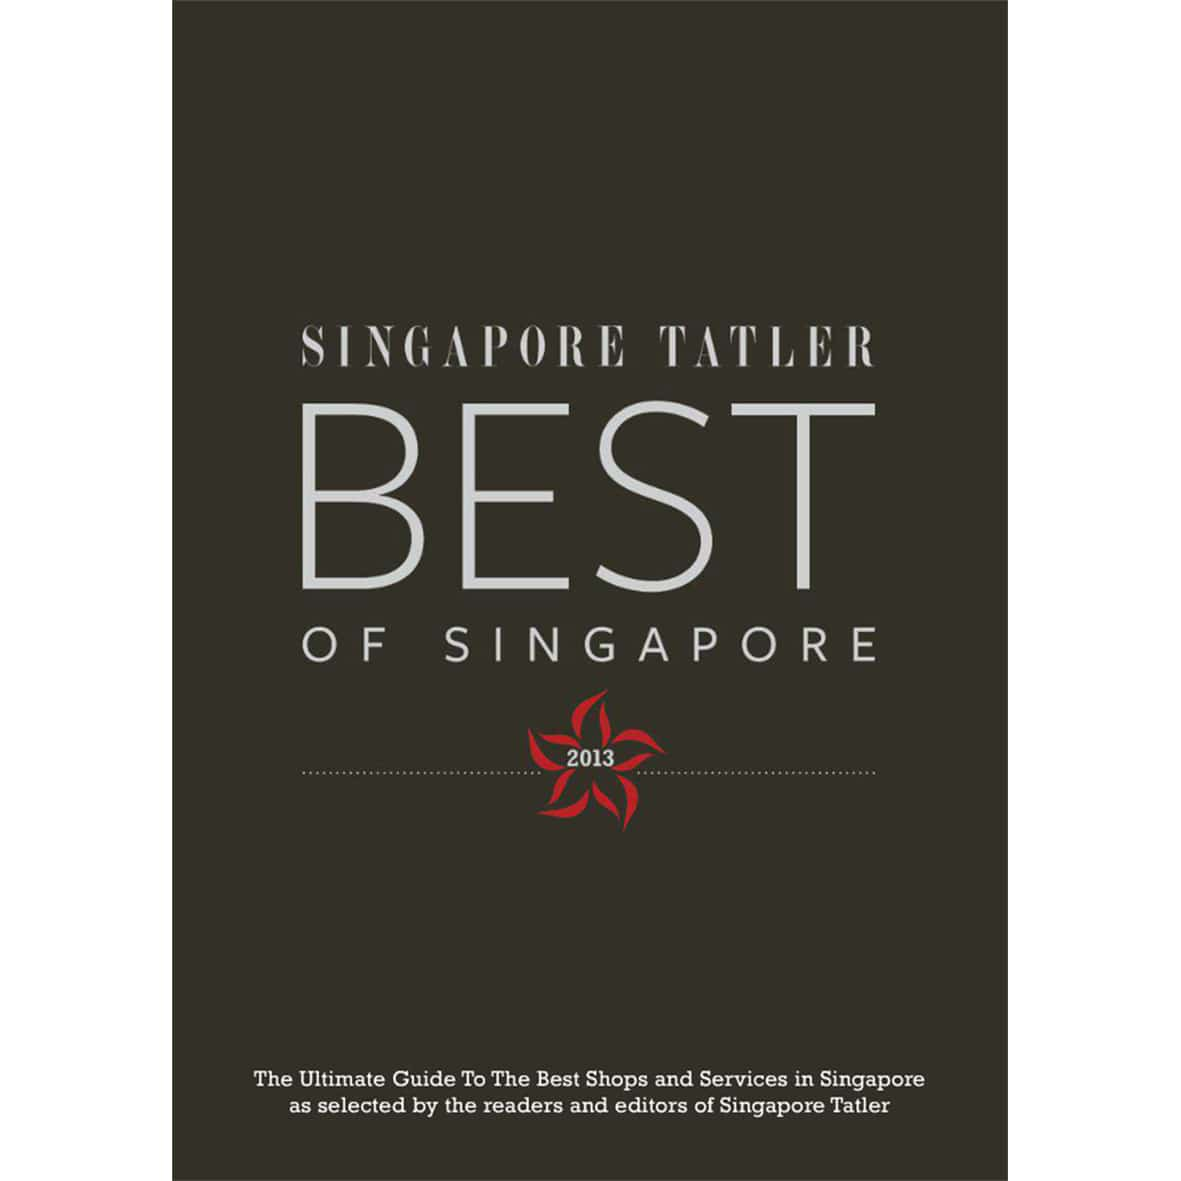 Singapore tatler award for S-15